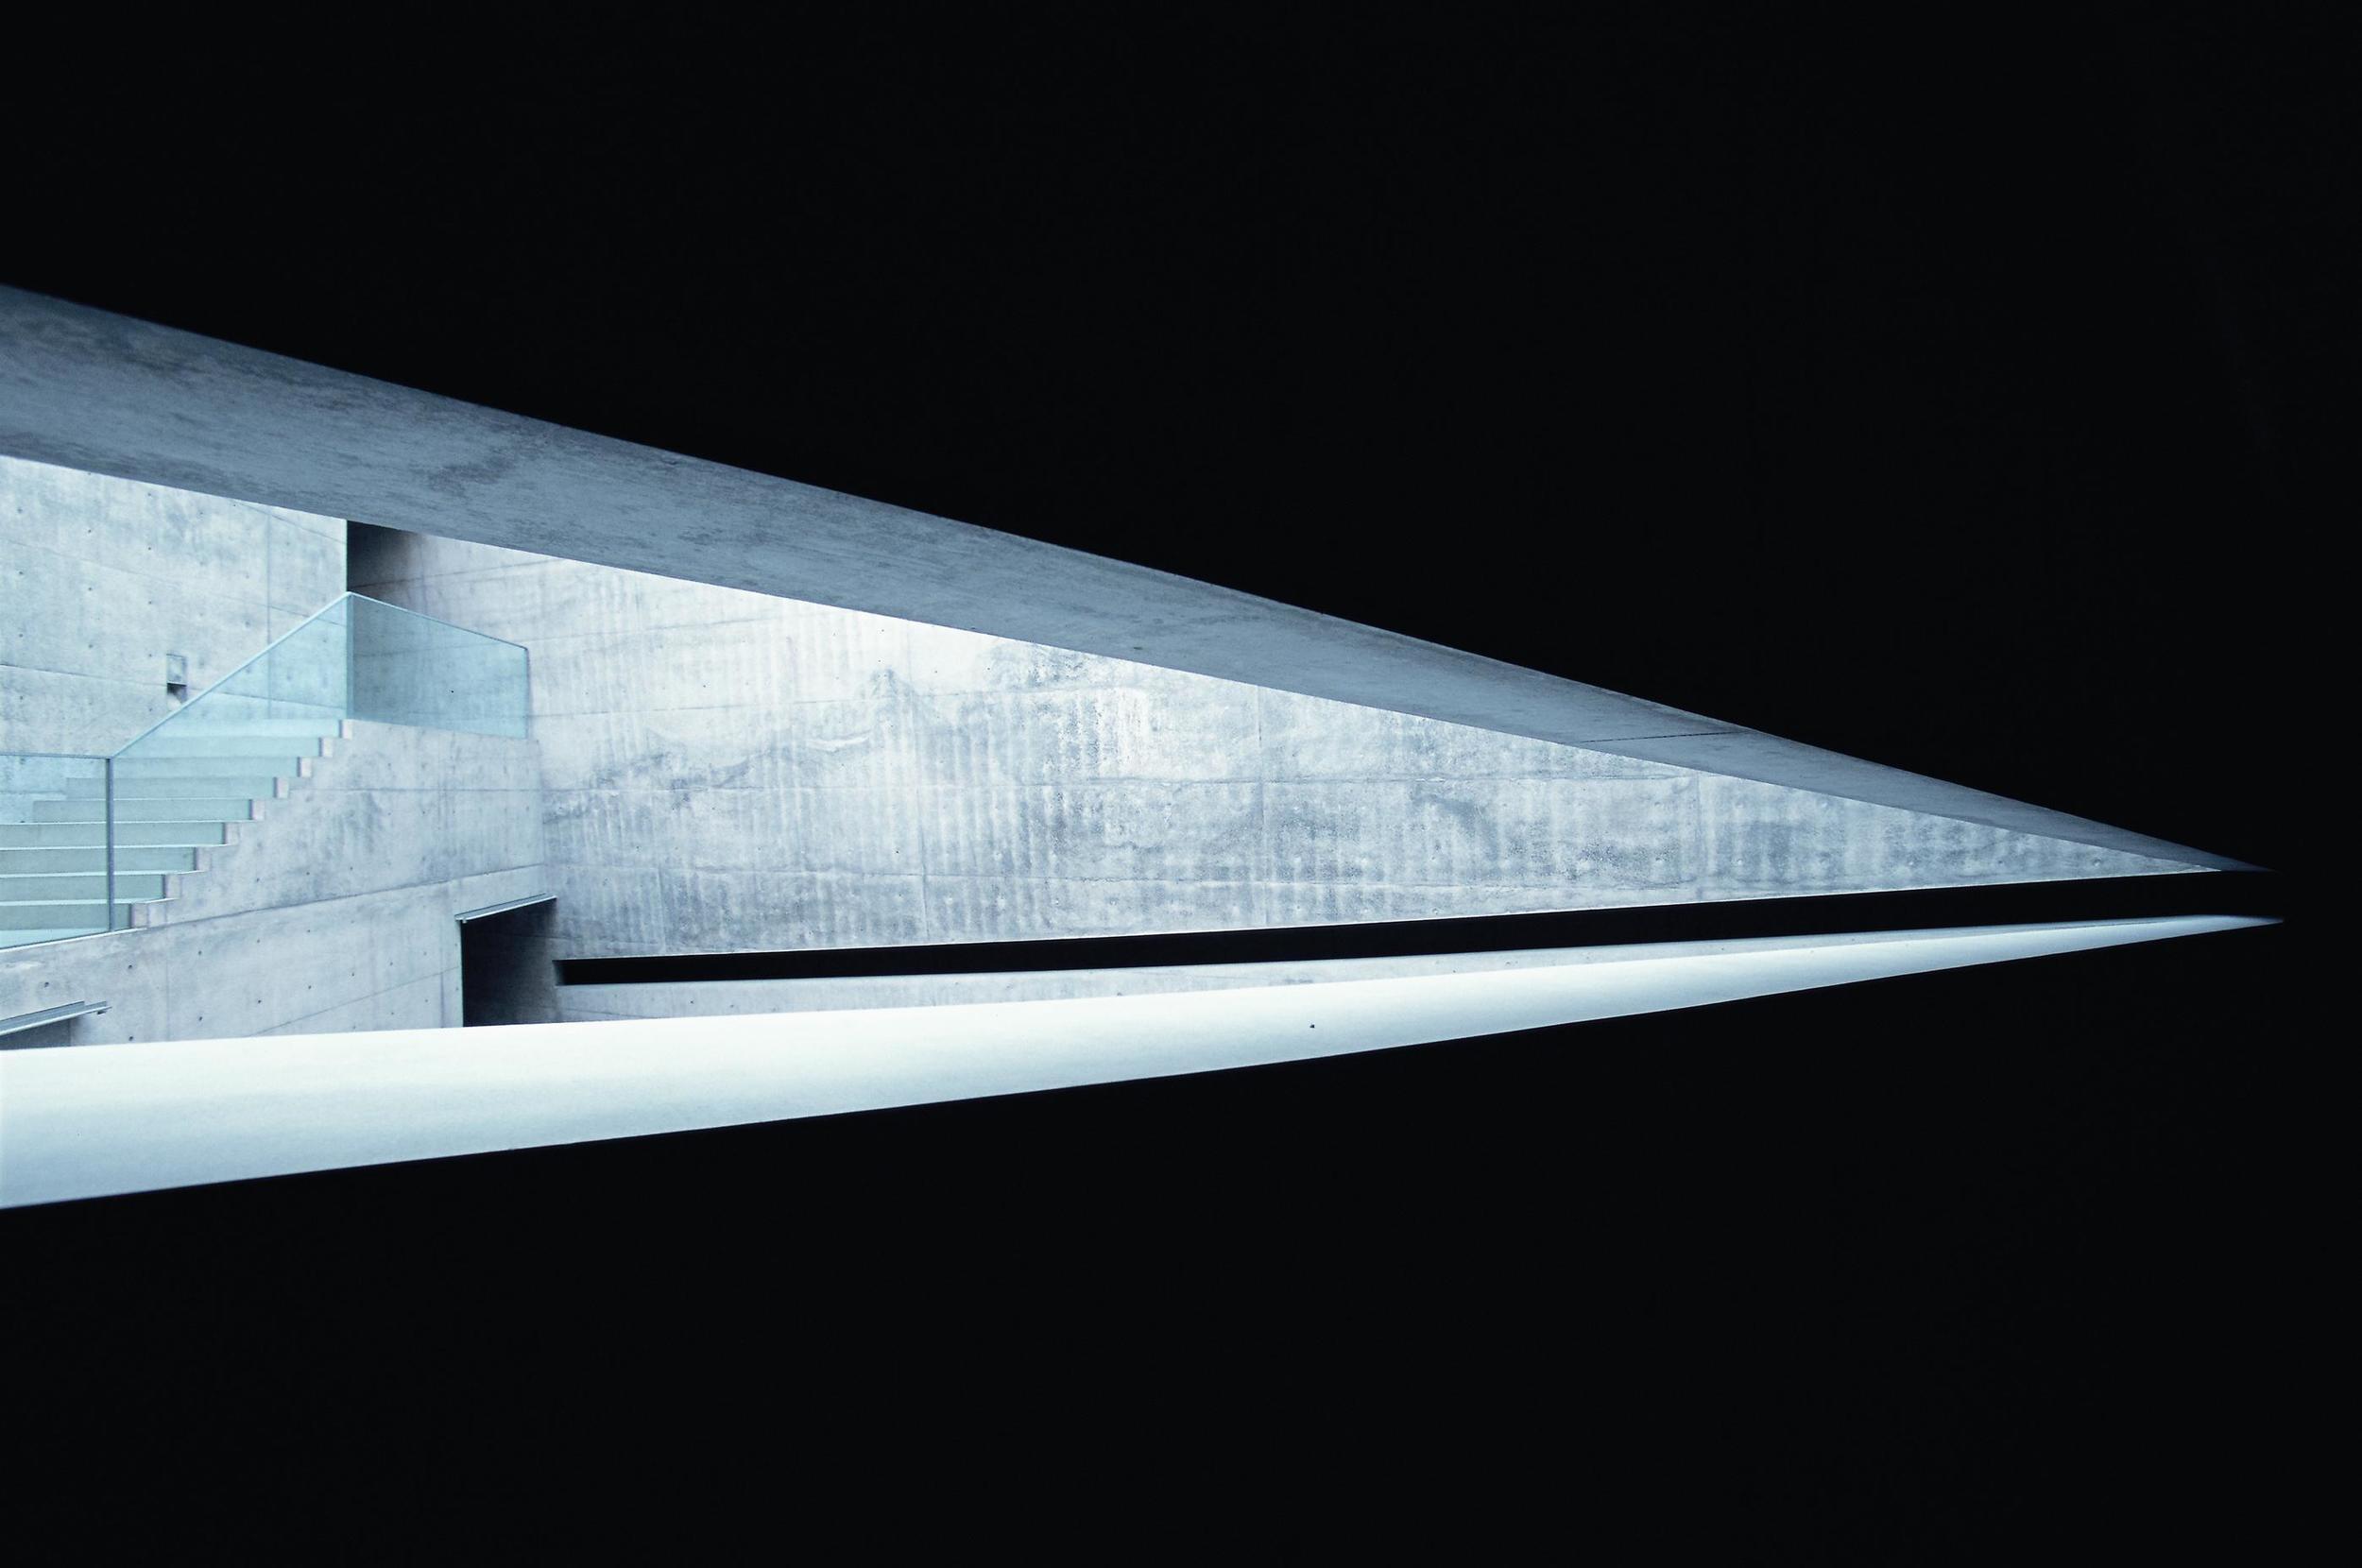 construcciones bajo tierra 10 chichu art museum